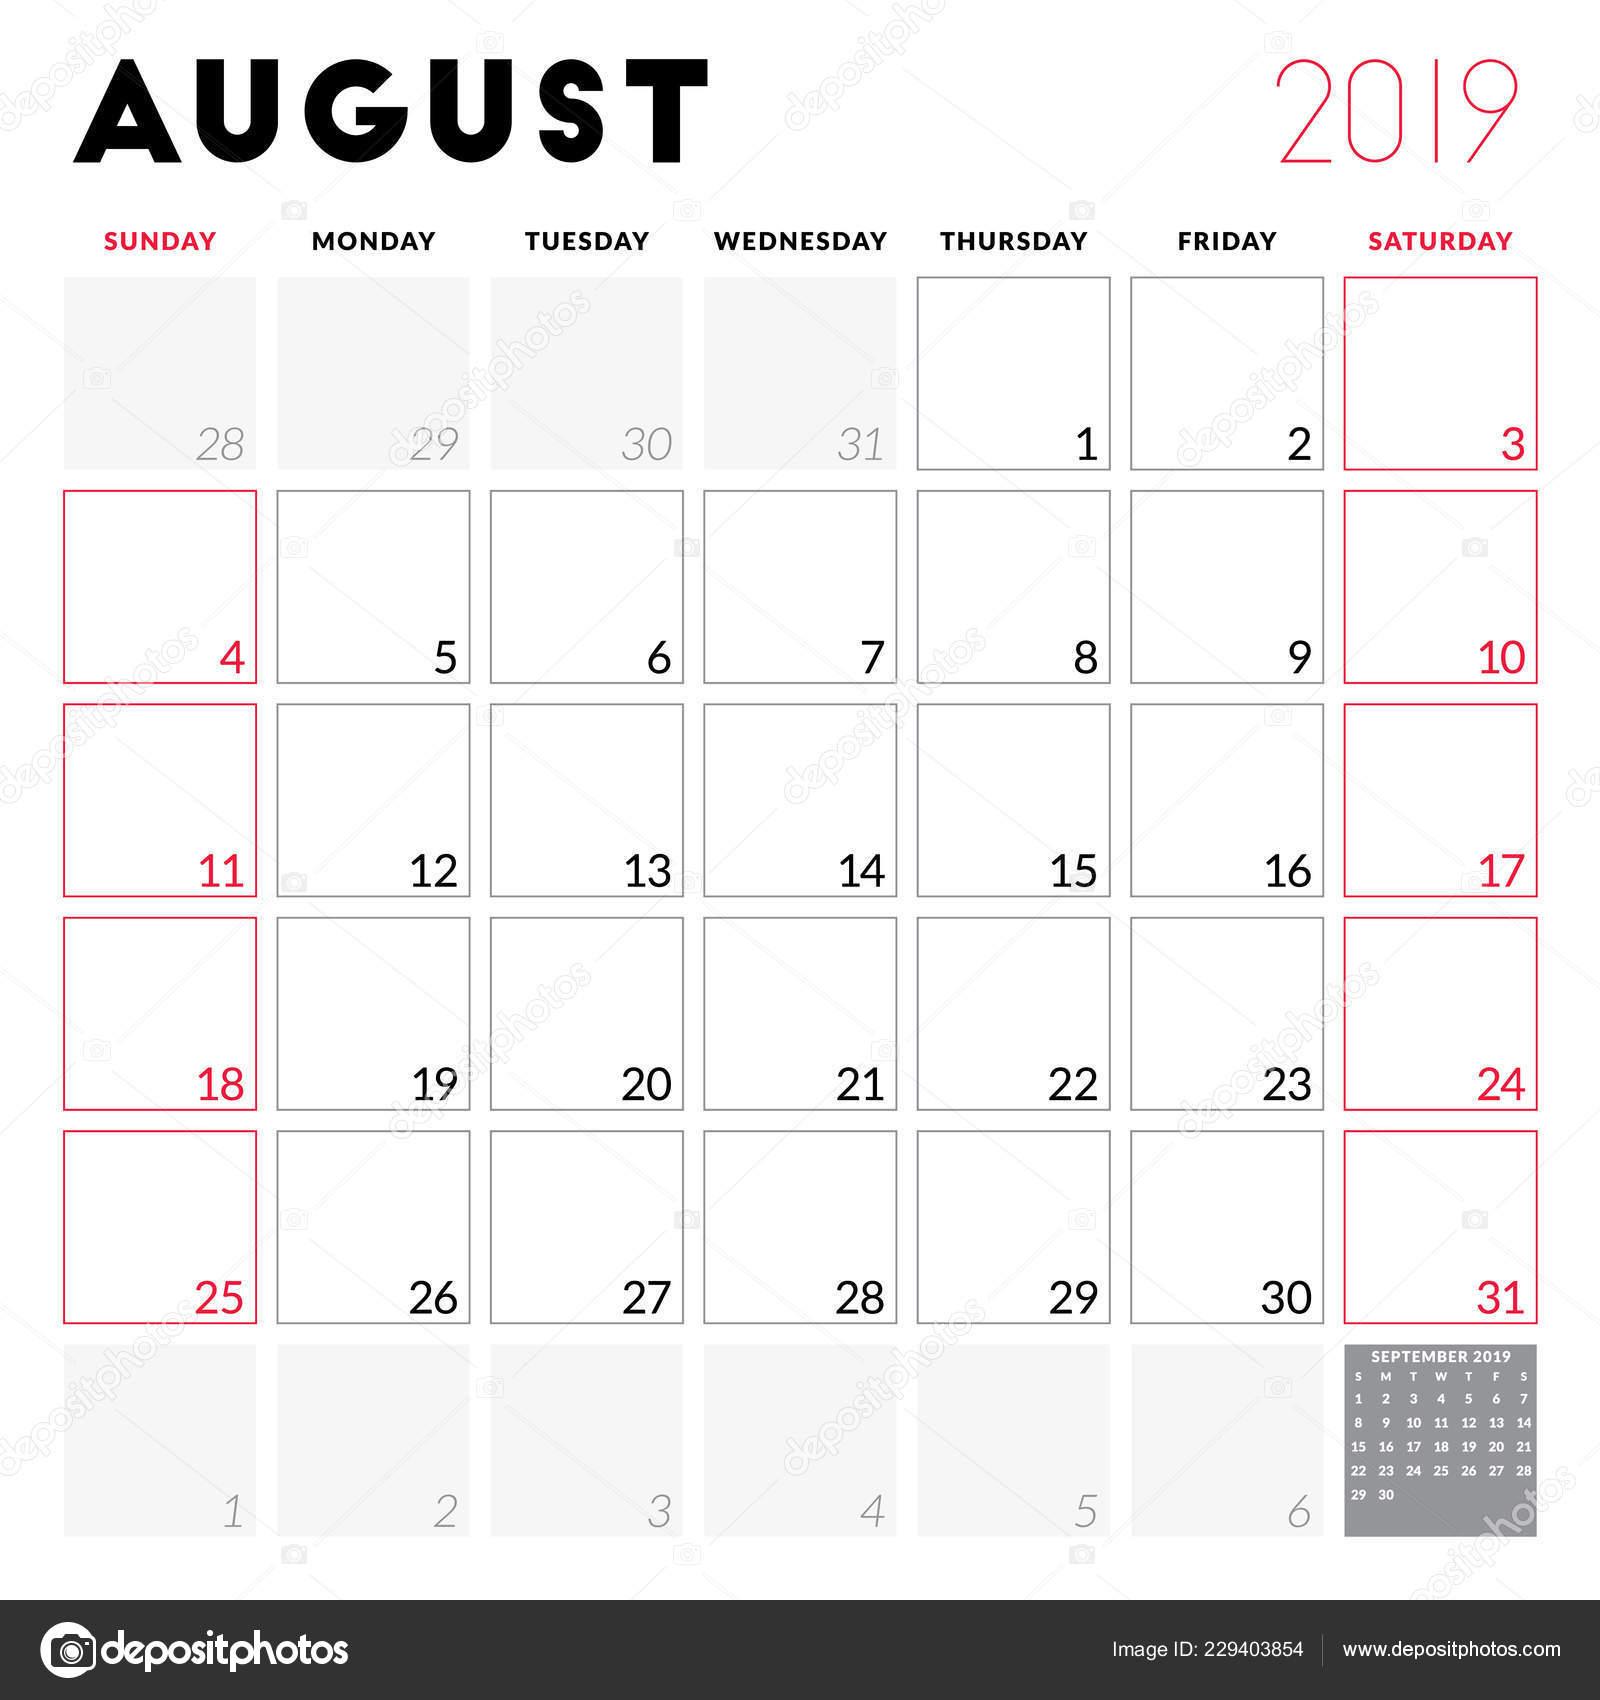 Calendario De Agosto 2019 Para Imprimir.Planificador Calendario Para Agosto 2019 Semana Comienza